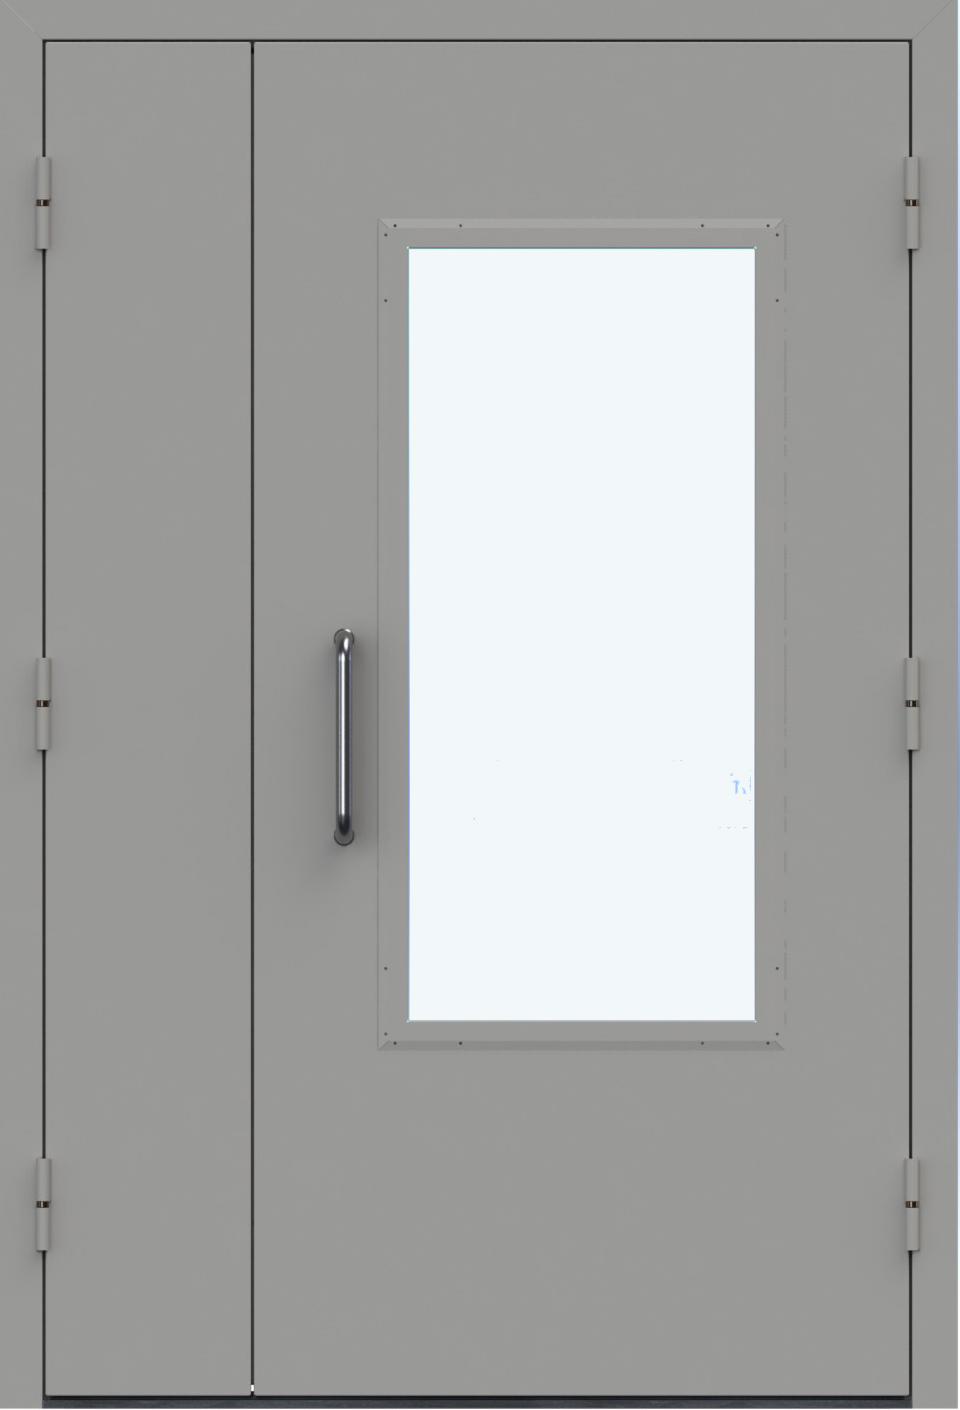 металлические технические двери с армированным стеклом